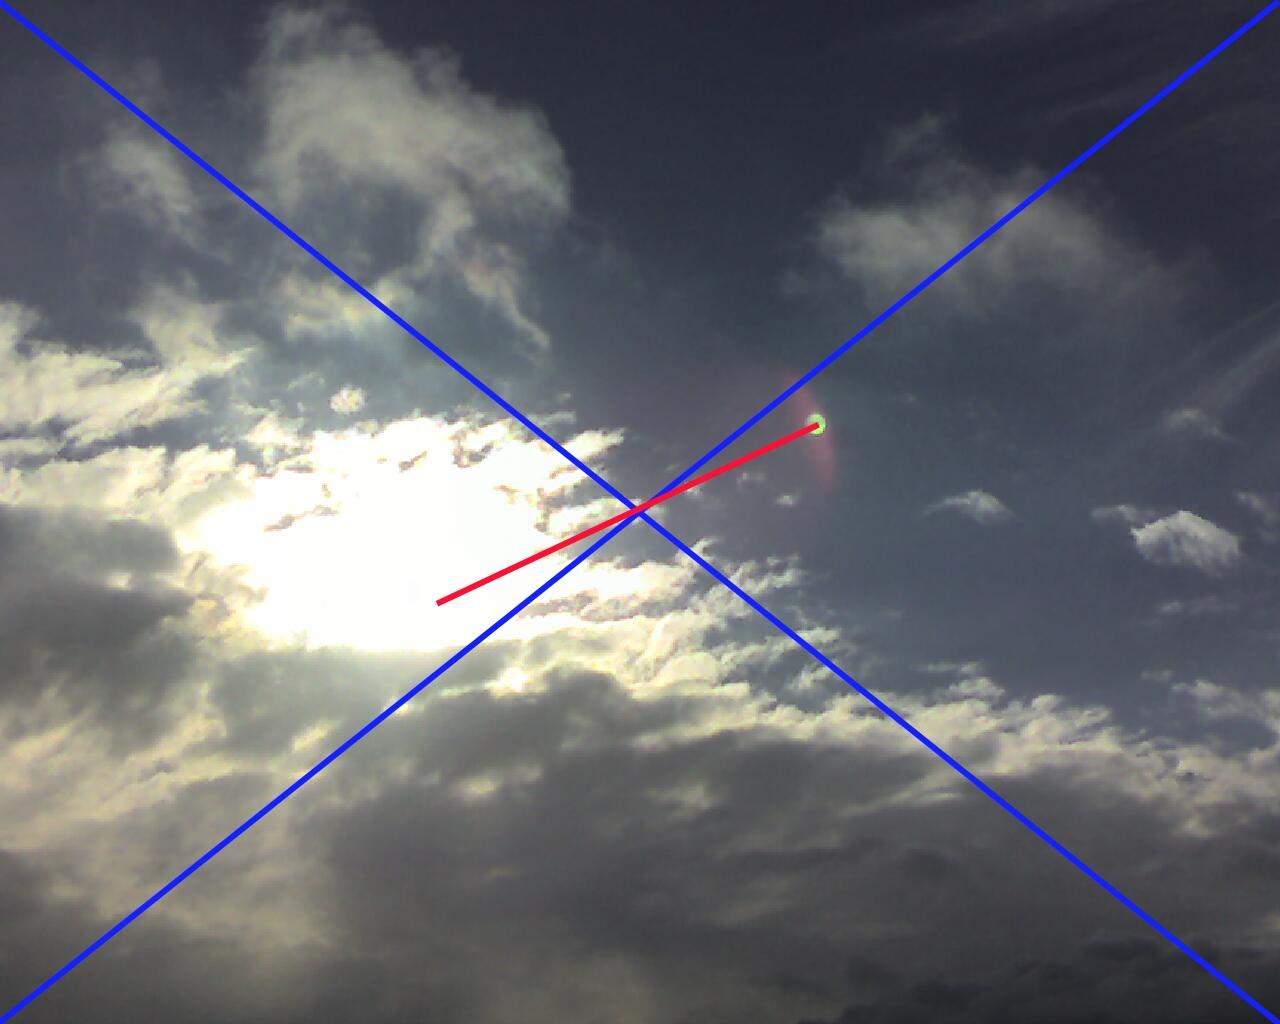 2010: le 17/12 à 13h - observation d'une boule de feu - Meuse  - Page 3 Num113h0317dec10flare